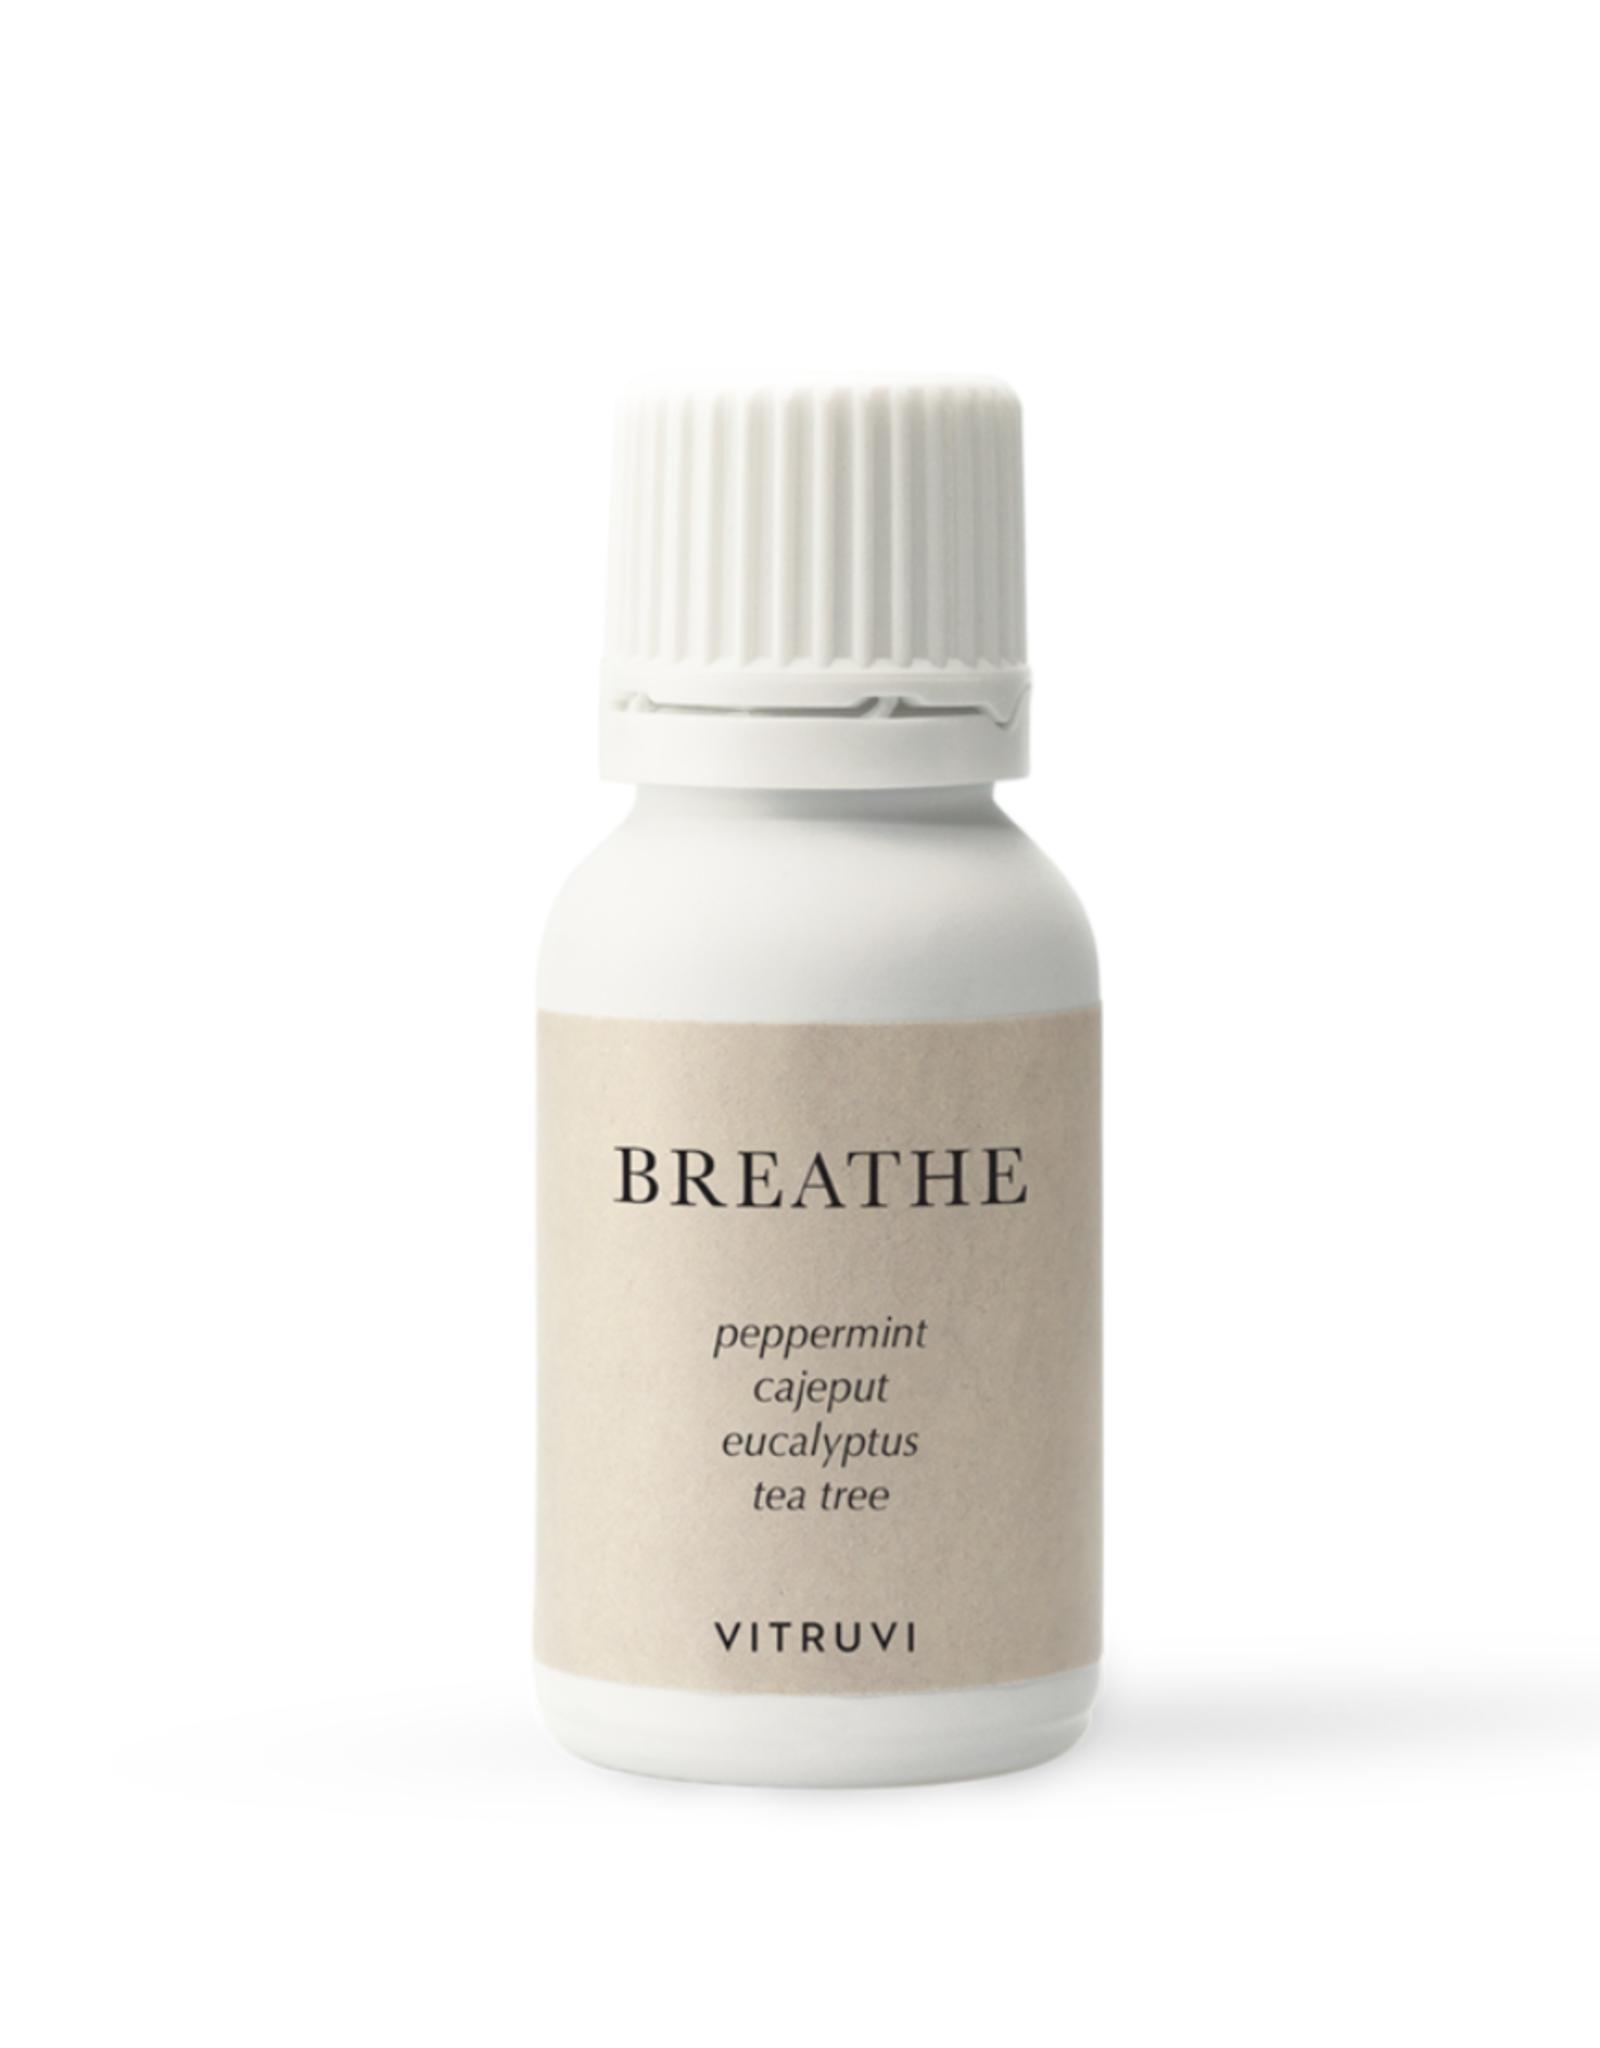 Vitruvi Huile essentielle BREATHE